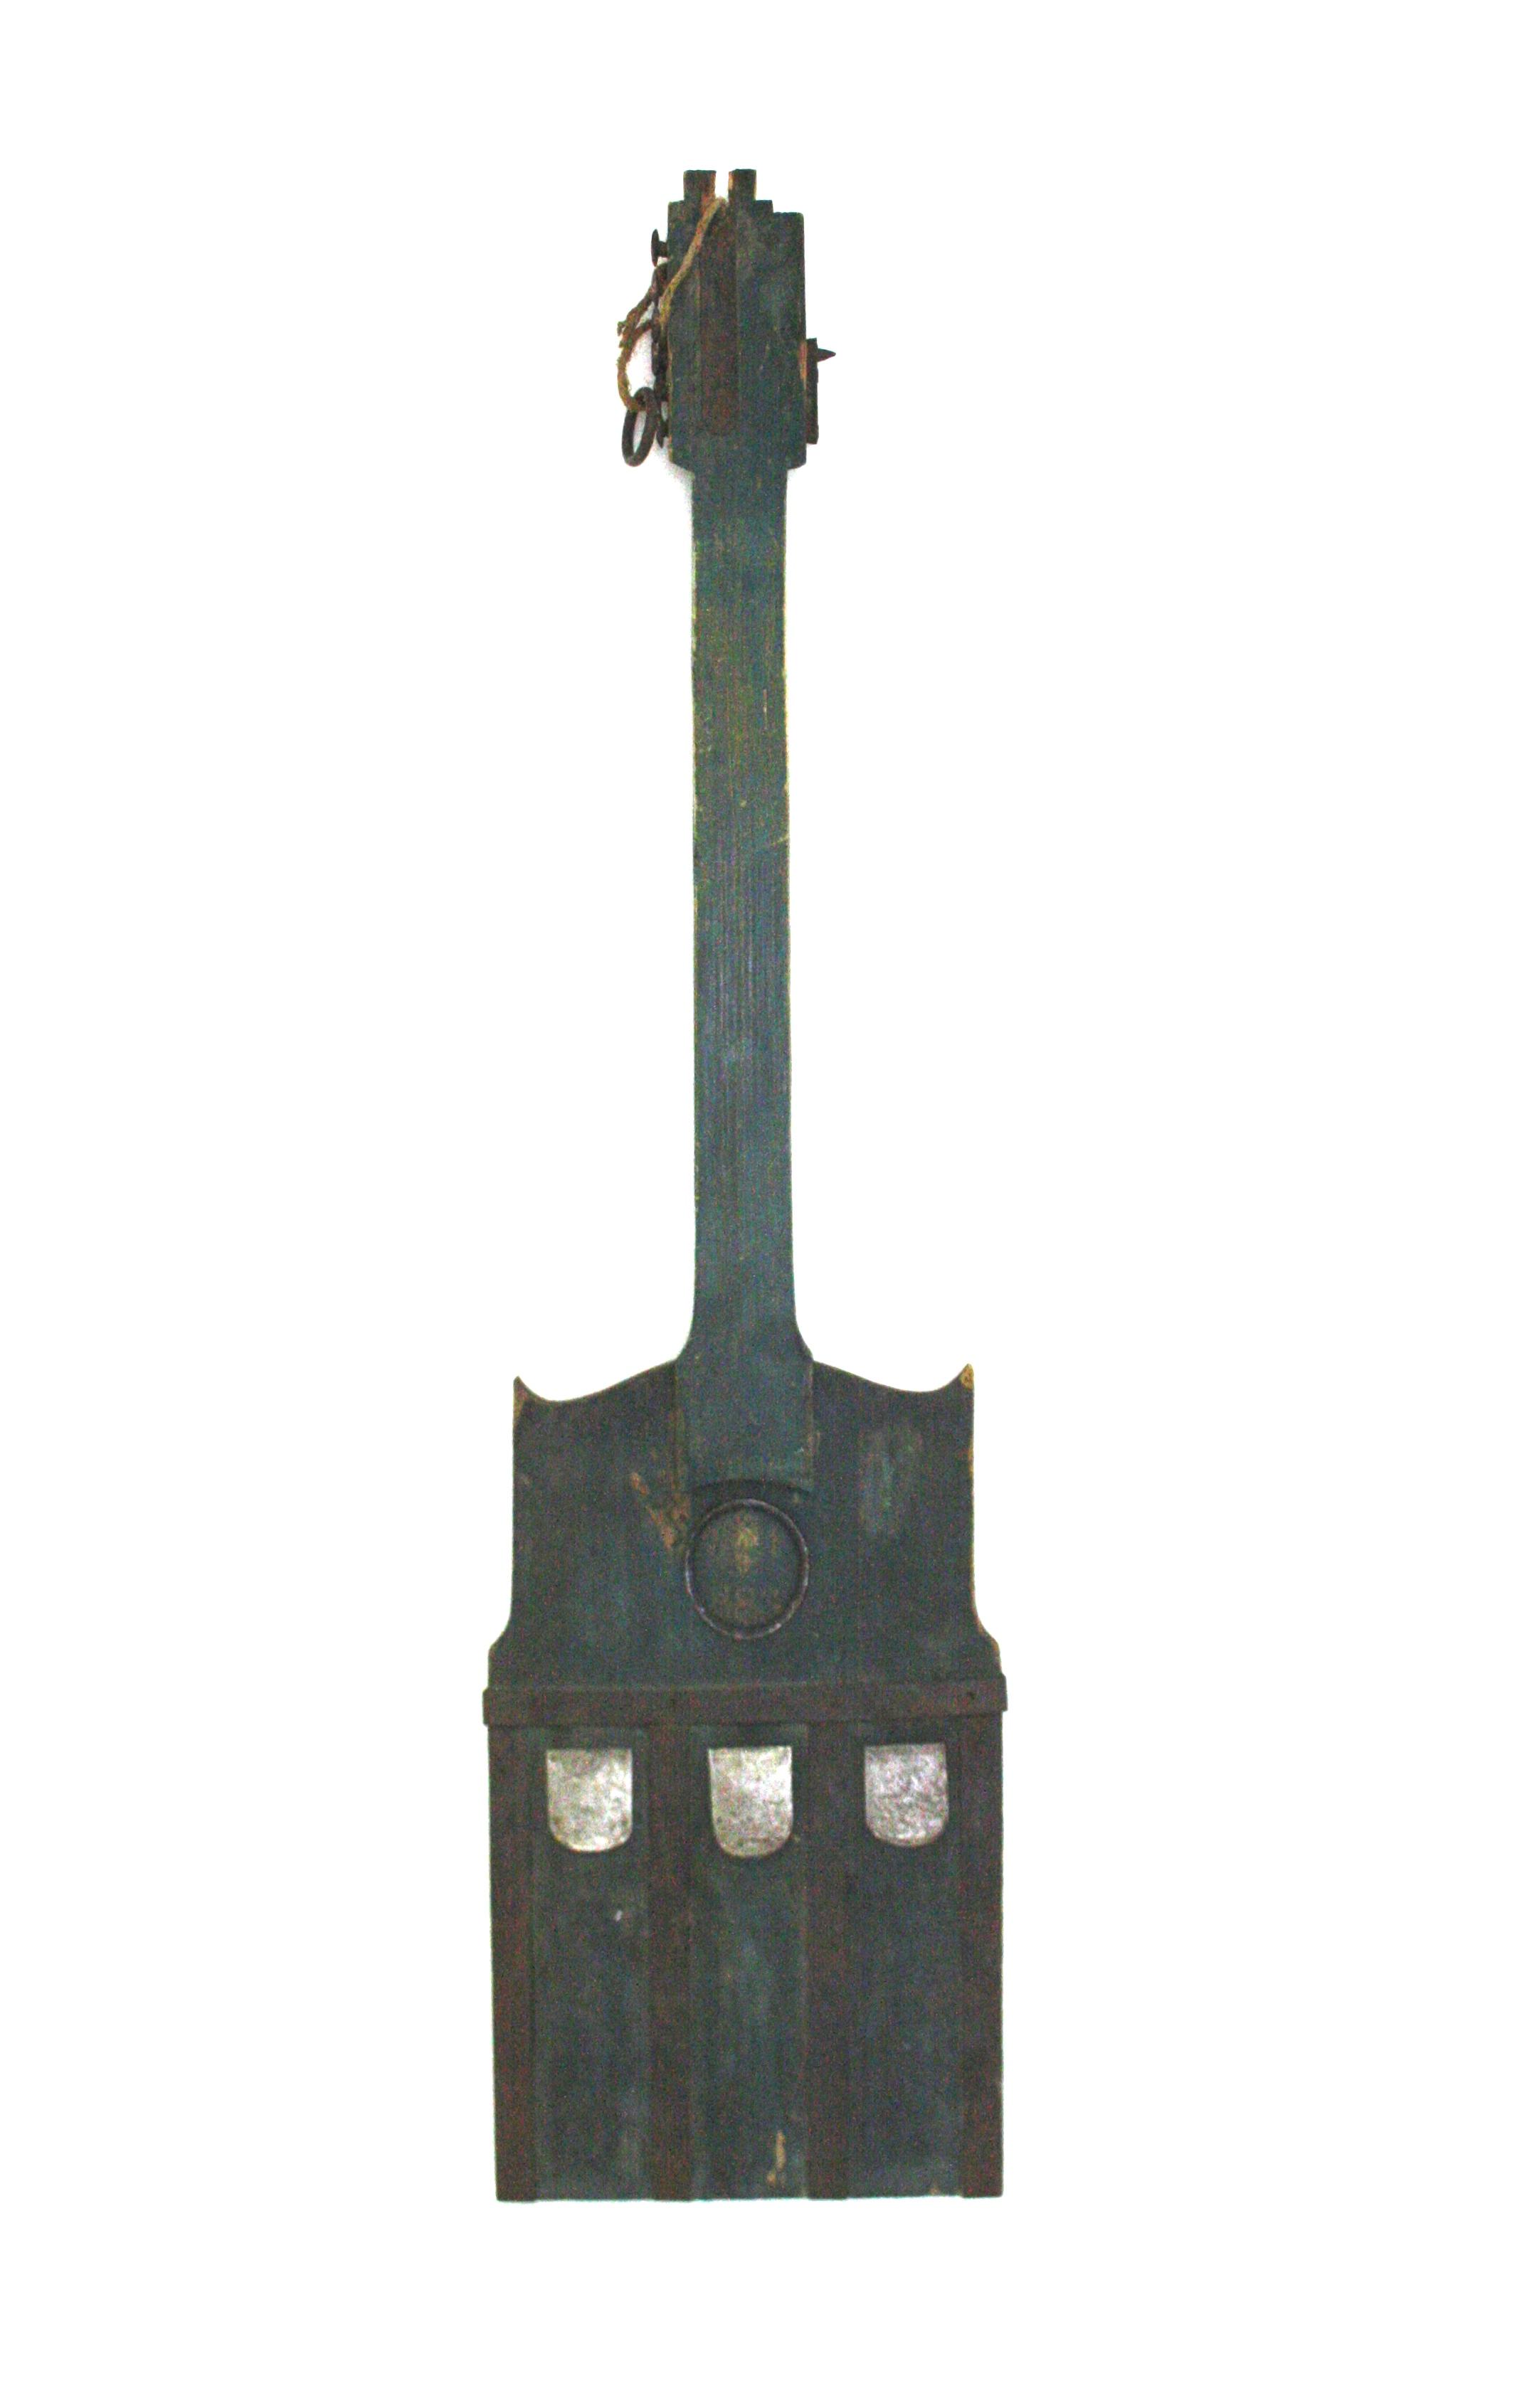 František Skála, Kytara CK decimal, 2012, 118 x 30 x 4 cm, dřevo